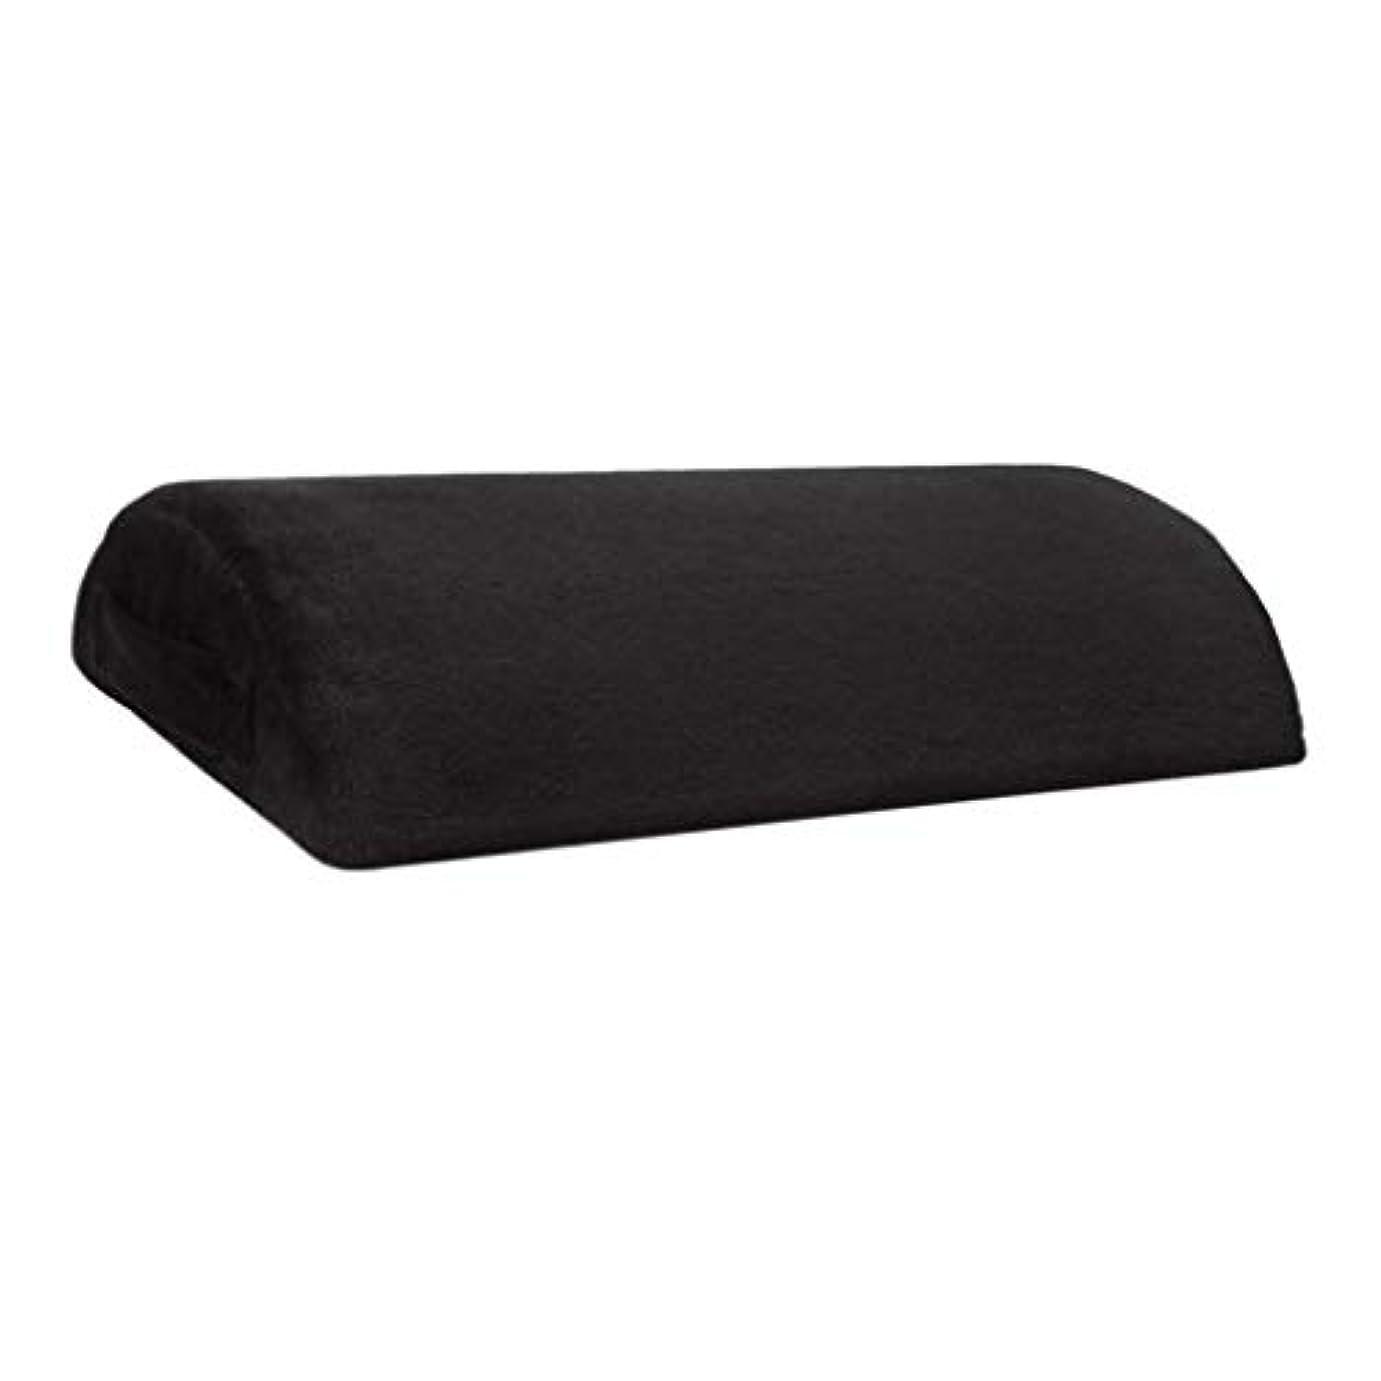 居眠りする北壁足枕 クッション フットレスト 足置き フットレストピロー ハーフシリンダー形 全2カラー - ブラック